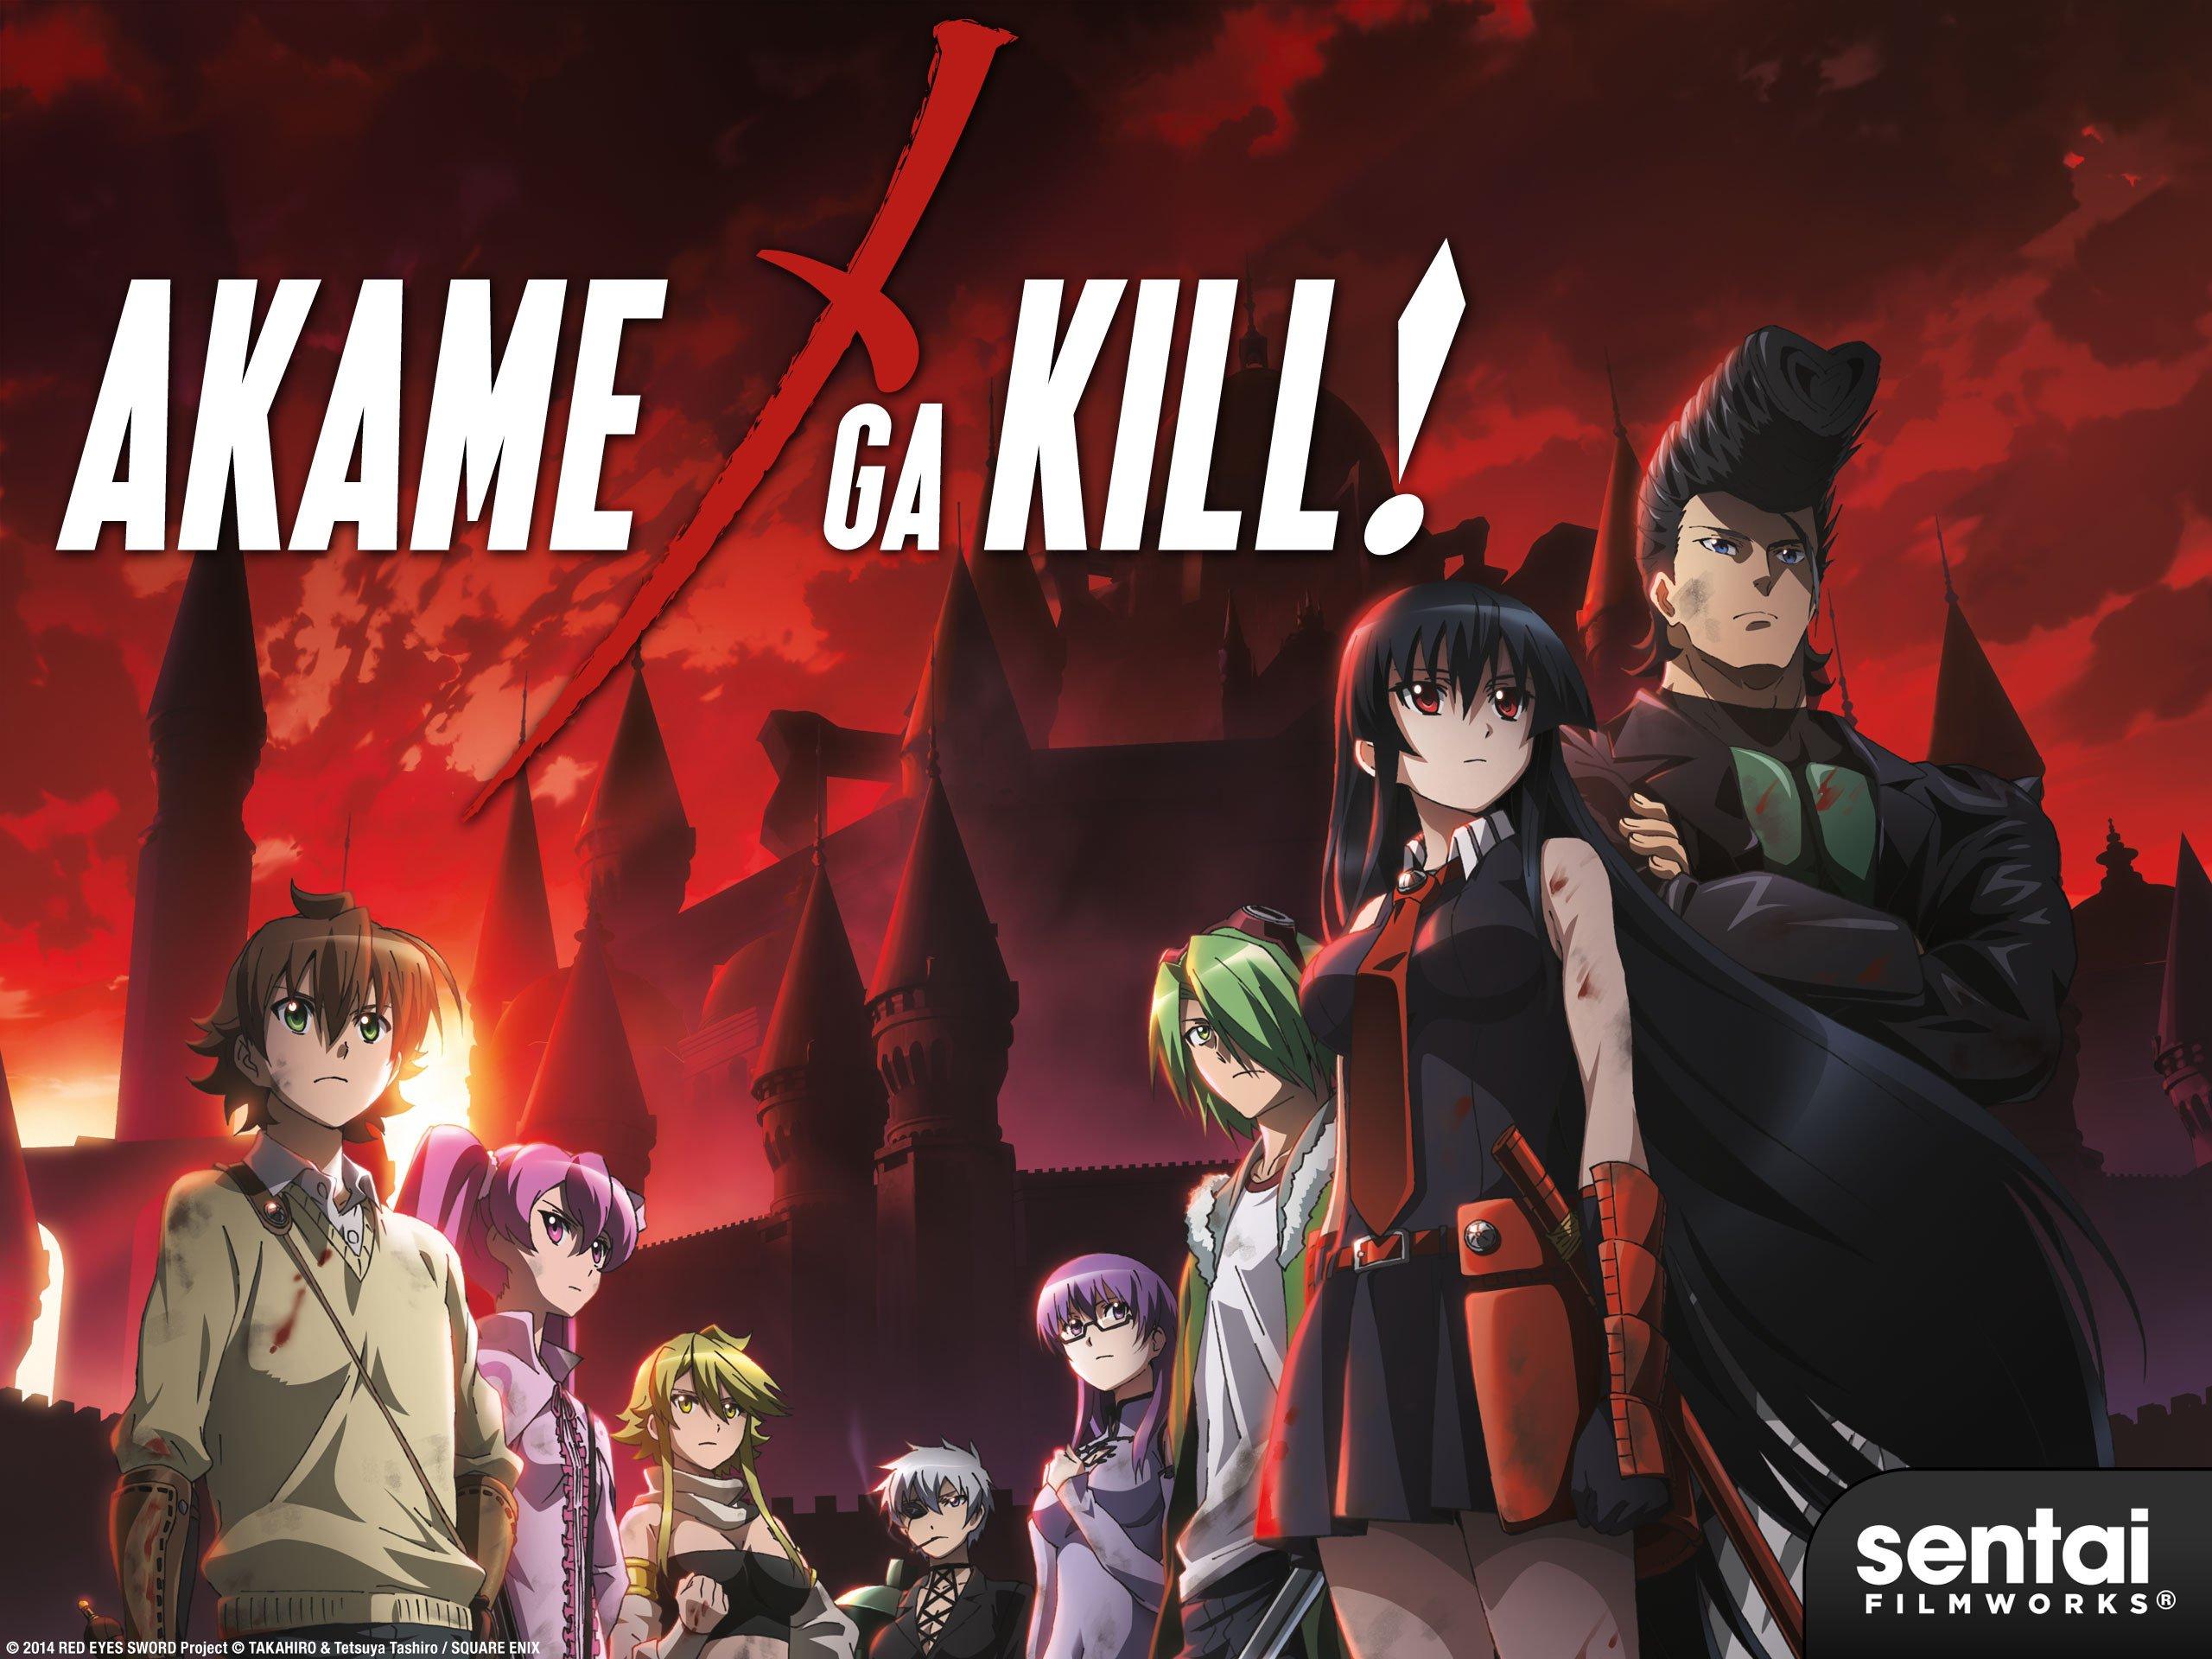 Watch Akame Ga Kill Season 1 Prime Video